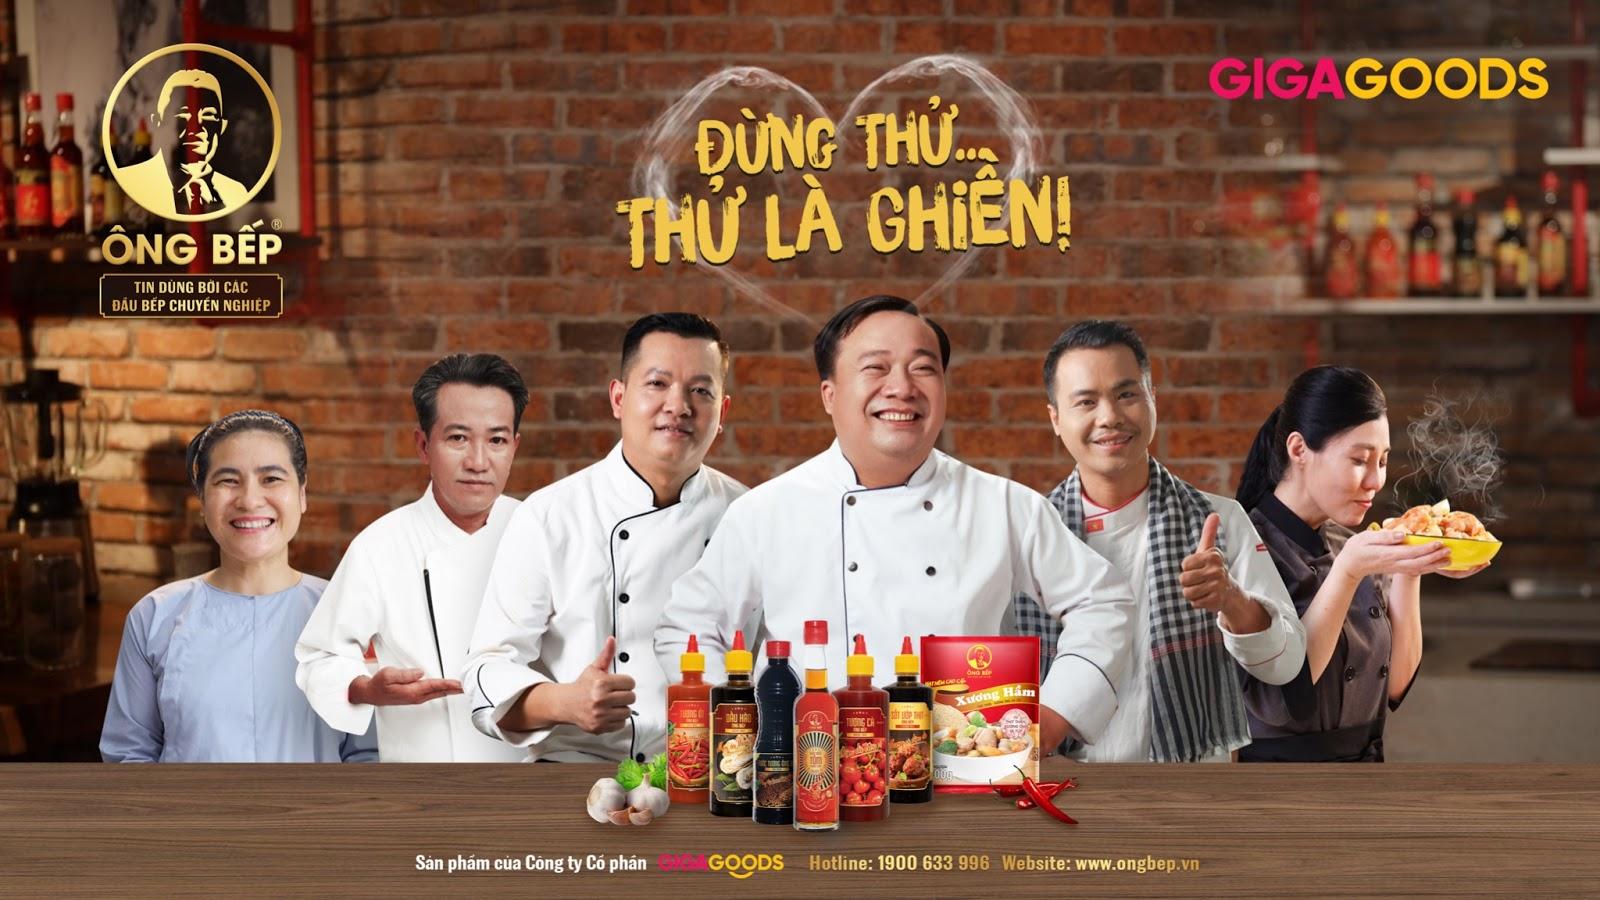 Giga1 trở thành đối tác chiến lược của Ông Bếp - Nhãn hàng gia vị '100% made in Việt Nam'